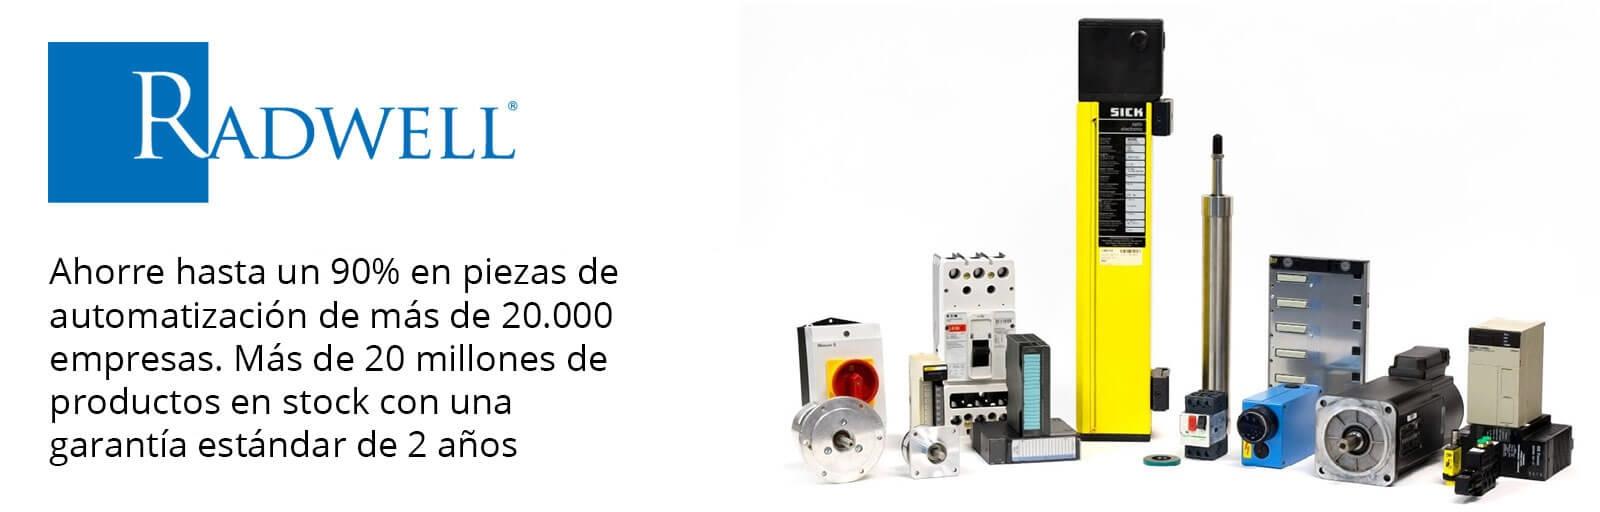 Radwell - Ahorra hasta un 90% en productos de Automación